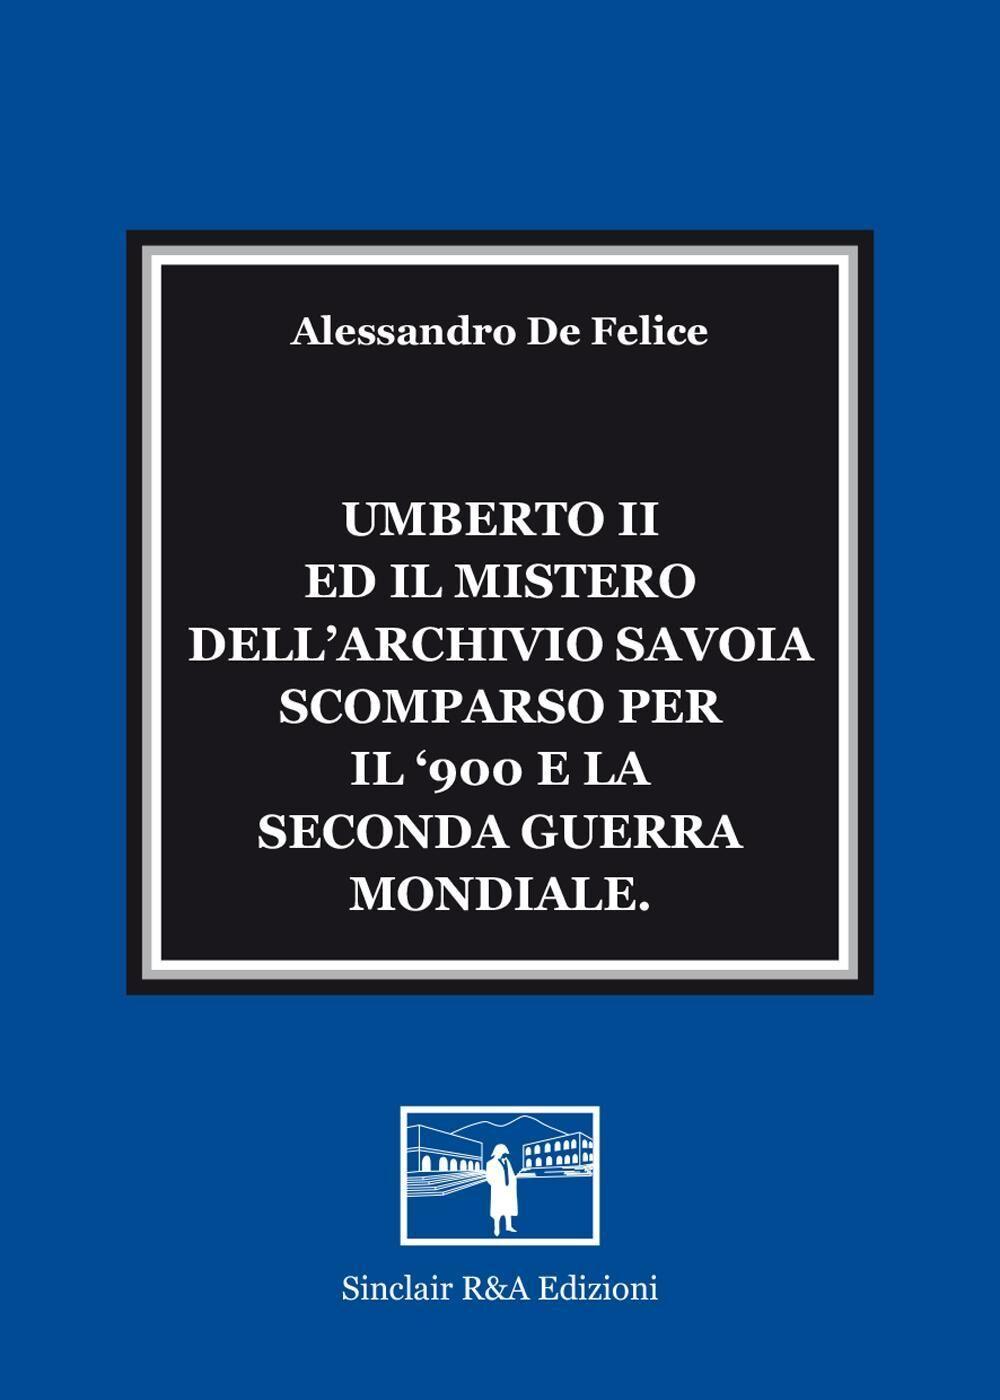 Umberto II ed il mistero dell'Archivio Savoia scomparso per il '900 e la seconda guerra mondiale